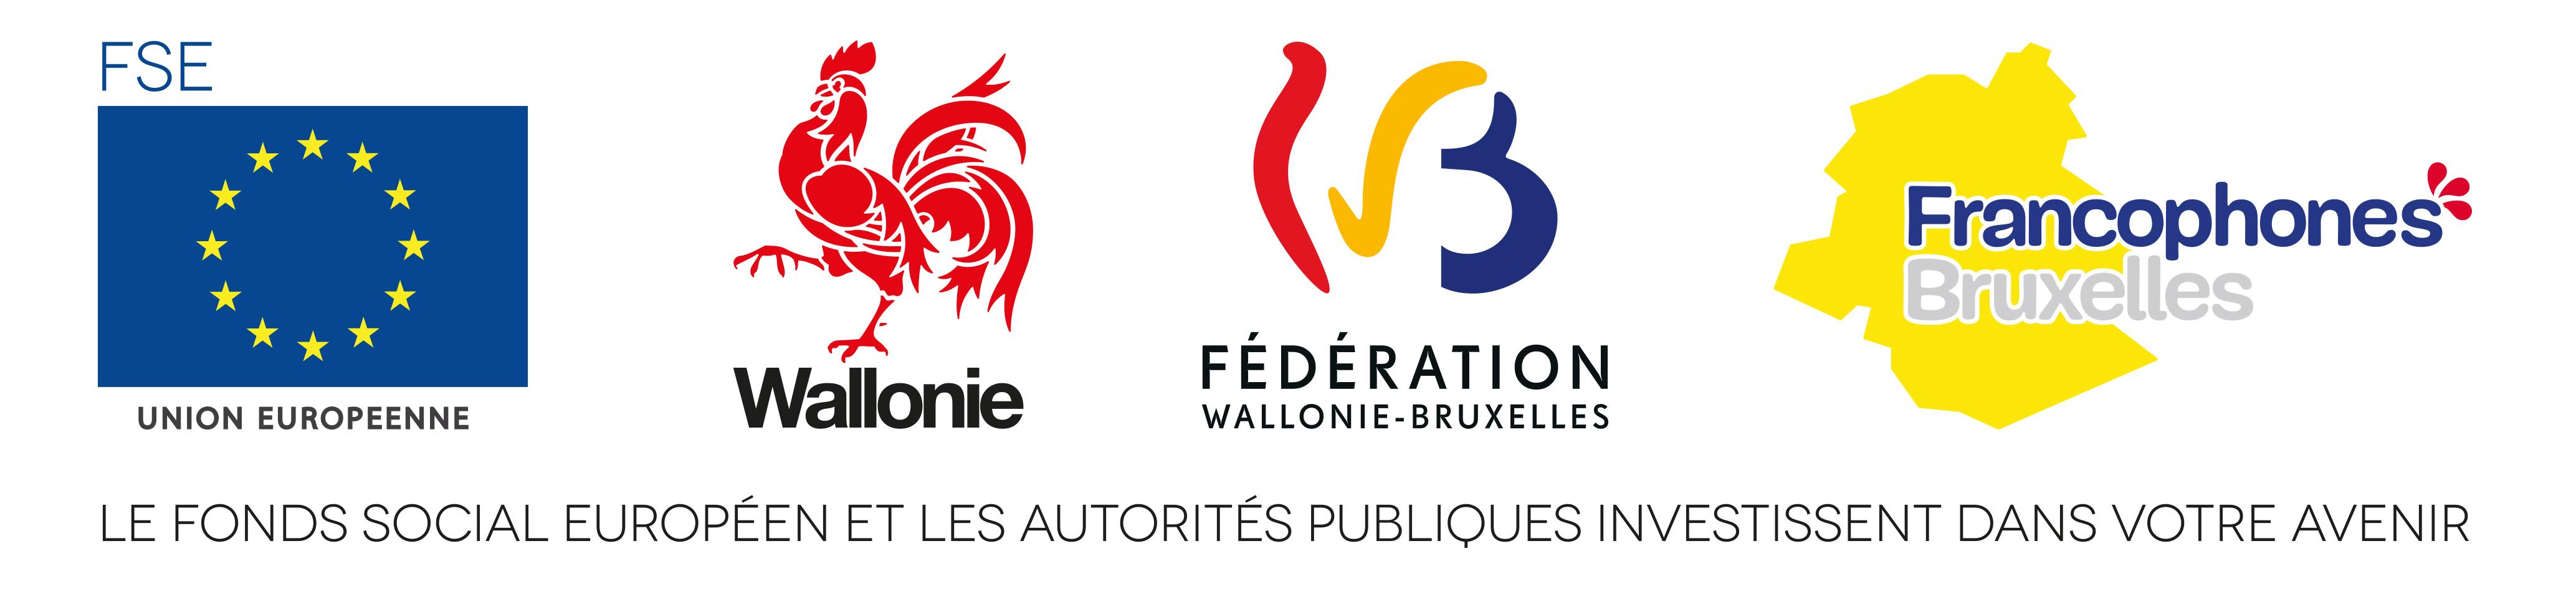 FSE, Wallonie, FWB, Francophones Bruxelles : le Fonds social européen et les autorités publiques investissent dans votre avenir.